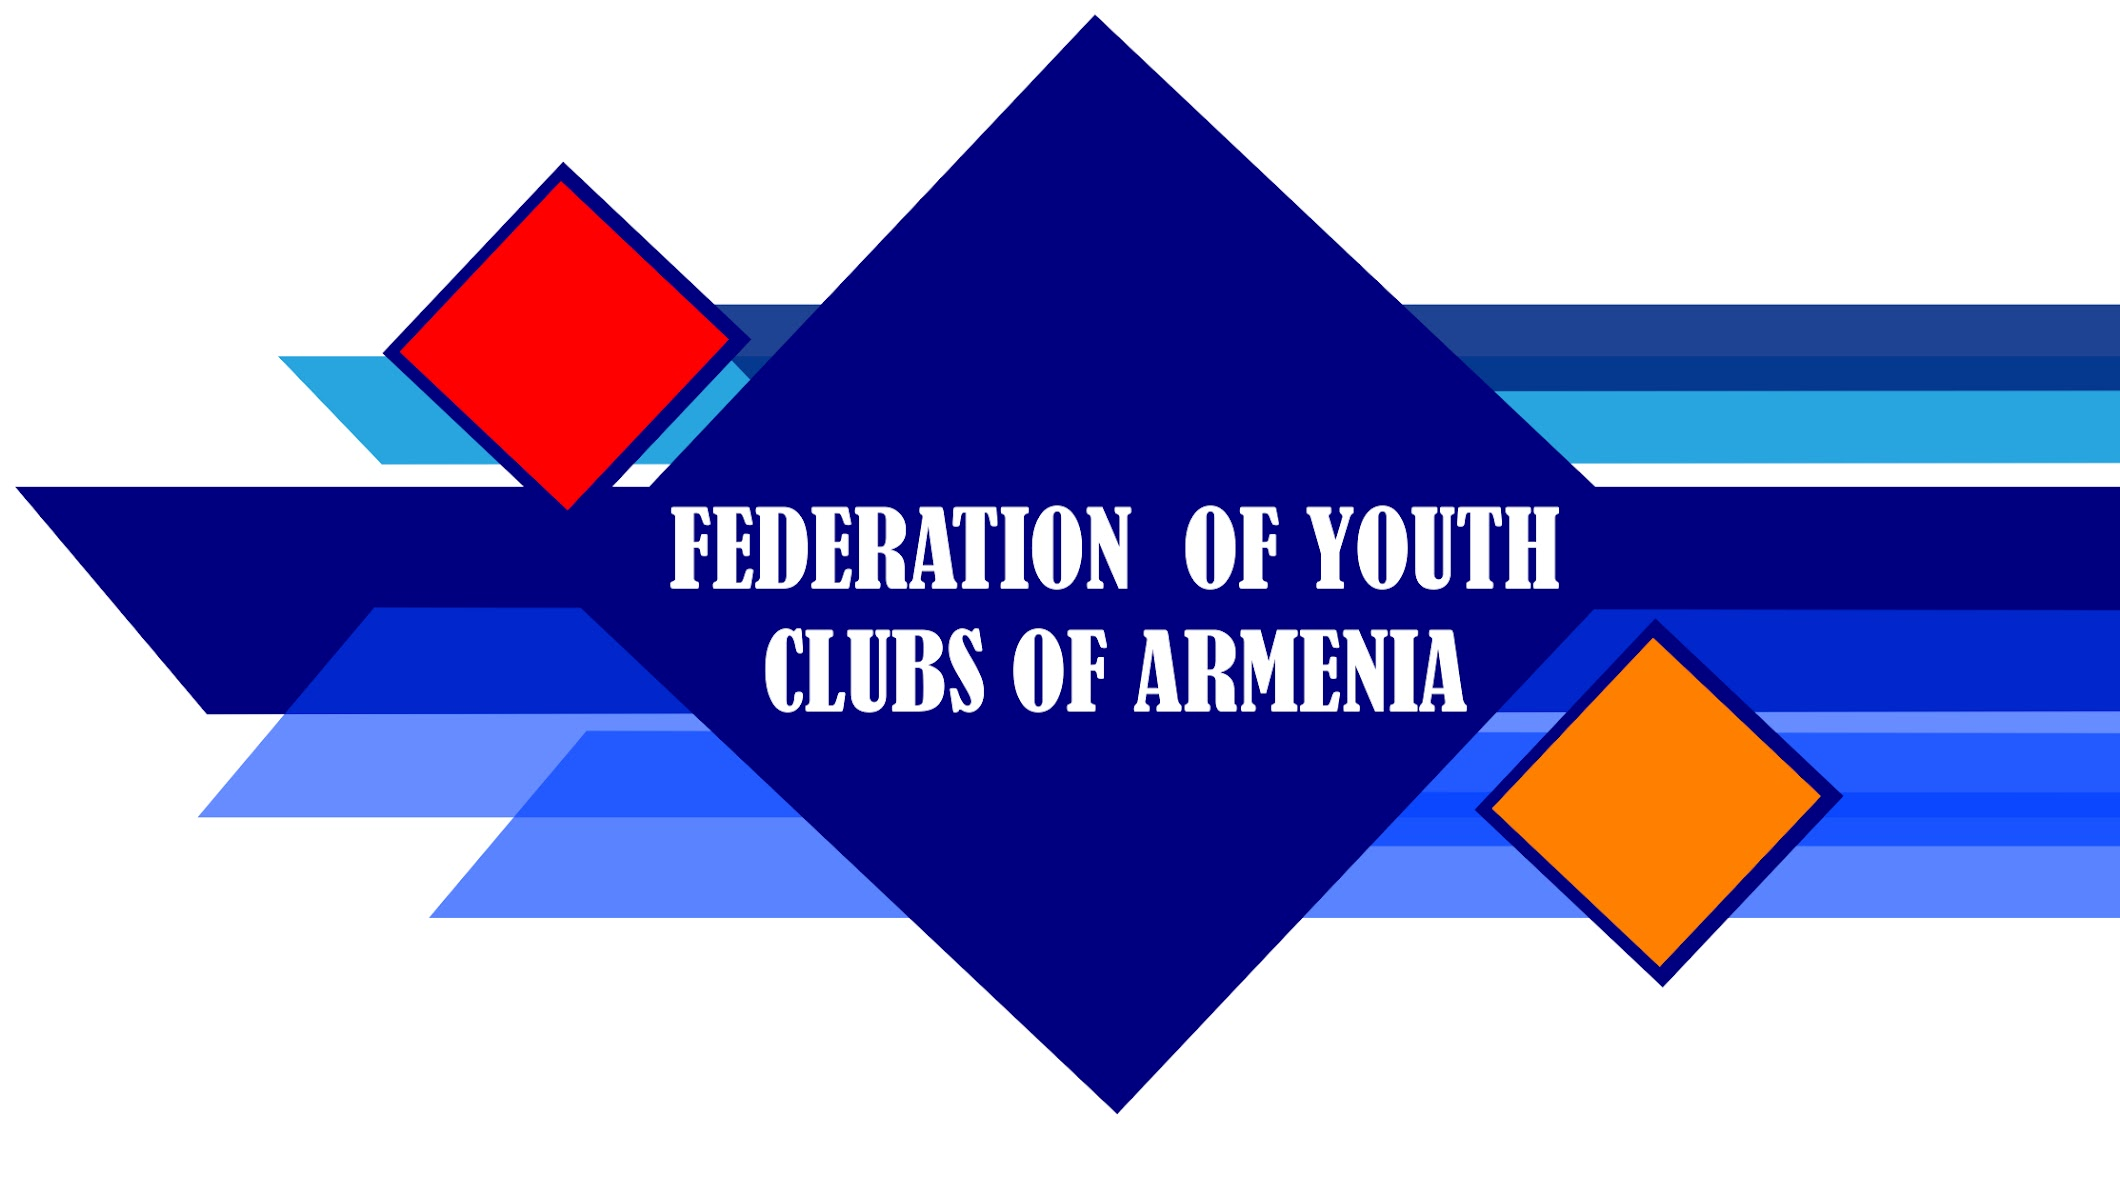 Federation of Youth Clubs of Armenia- FYCA